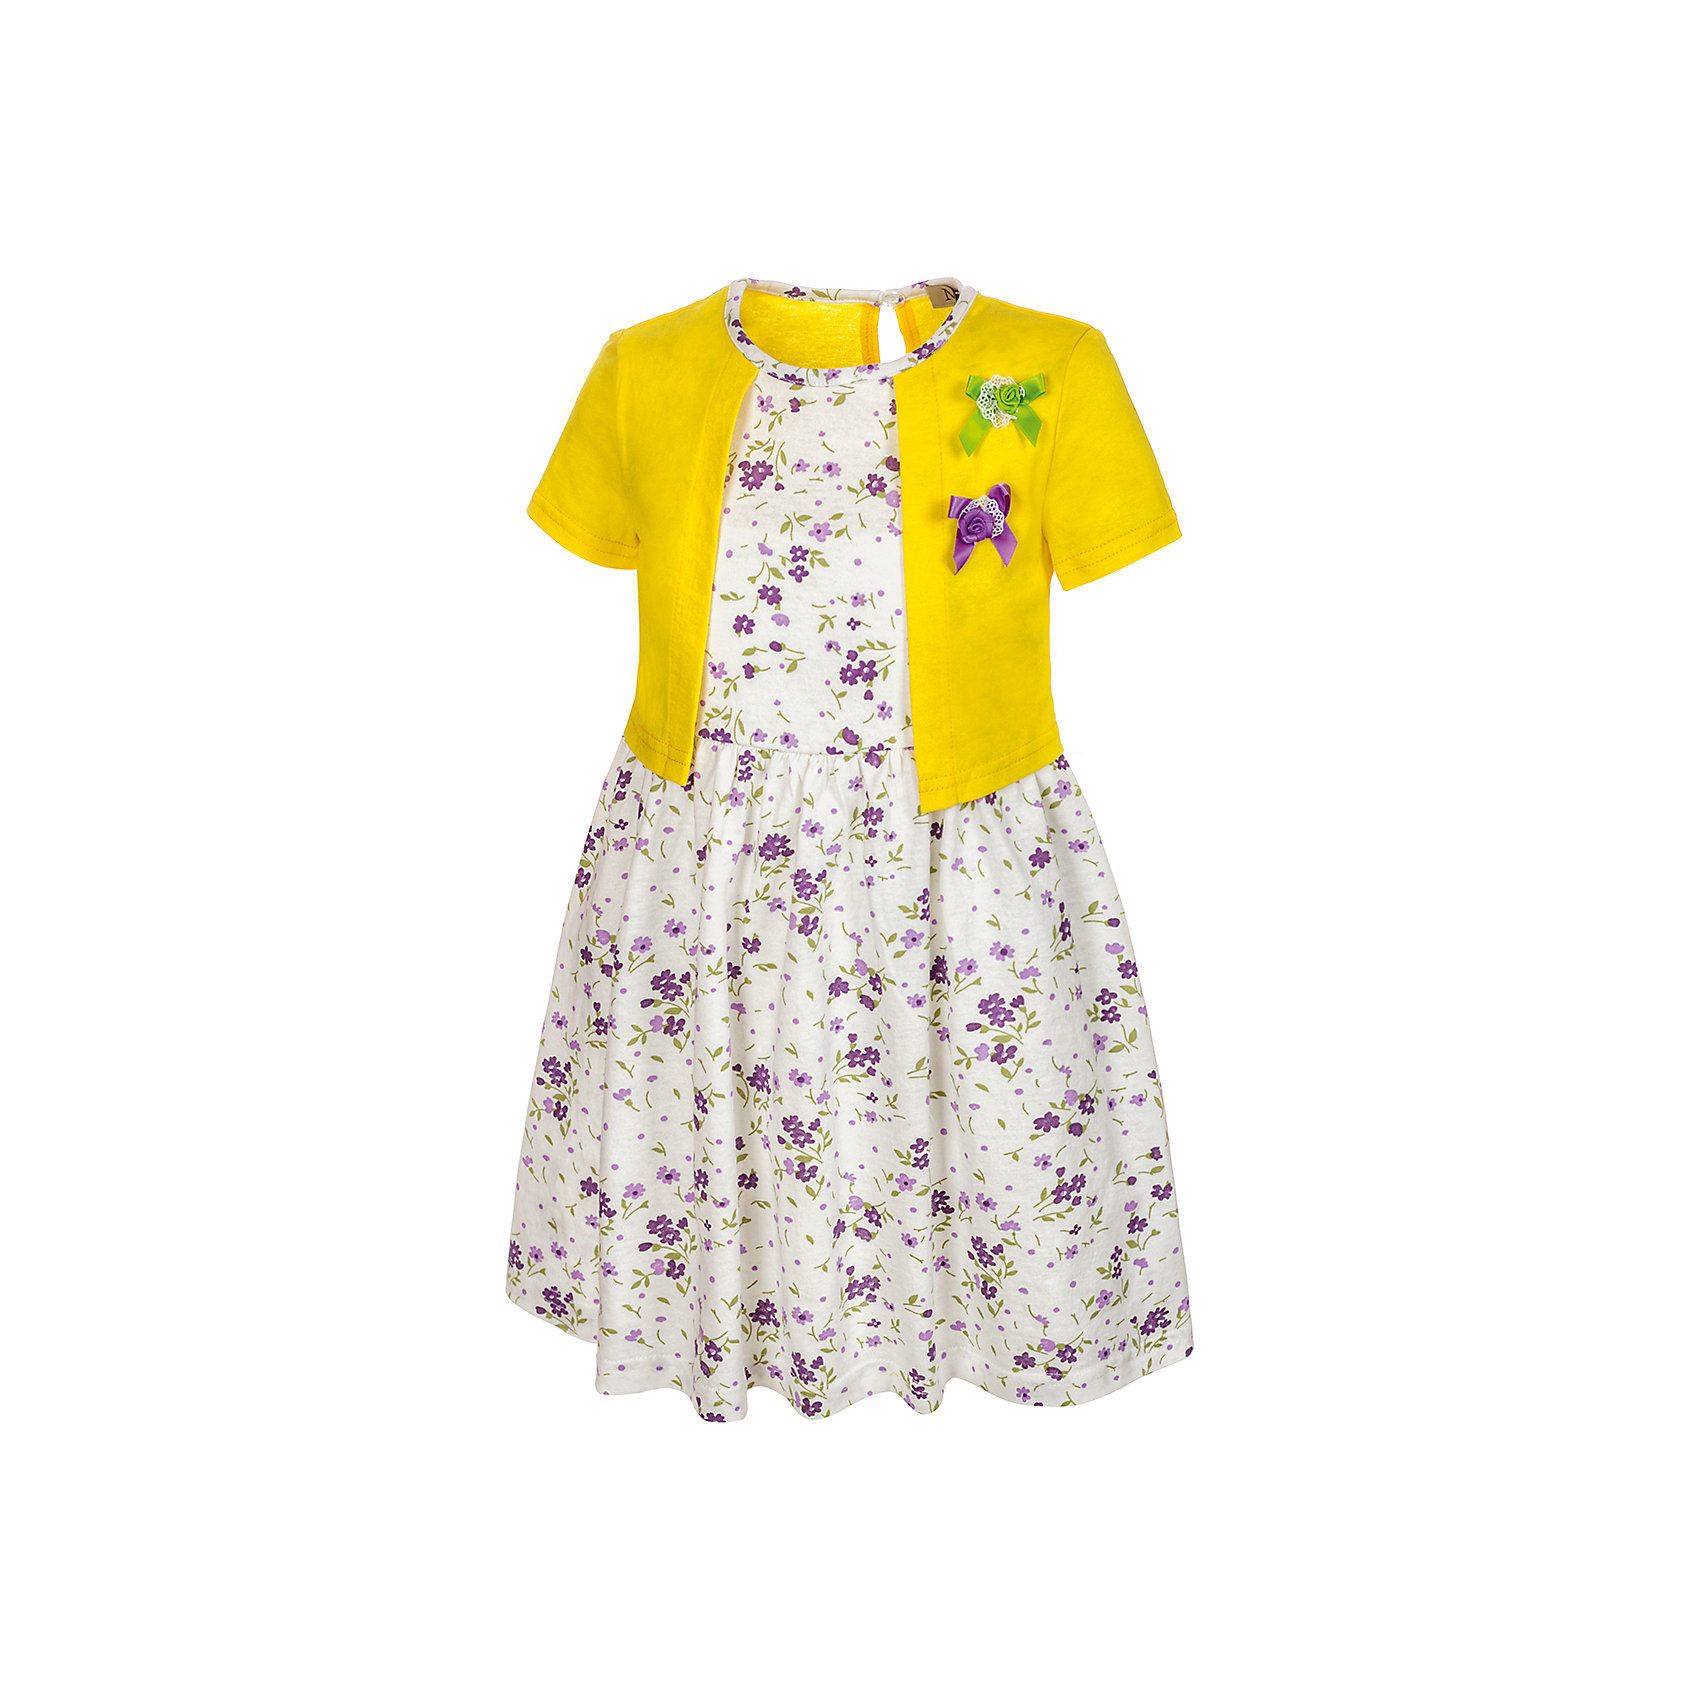 Платье M&amp;D для девочкиПлатья и сарафаны<br>Характеристики товара:<br><br>• цвет: желтый<br>• состав: 100% хлопок<br>• сезон: лето<br>• застежка: пуговица<br>• короткие рукава<br>• декор: принт, текстильные банты<br>• имитация накидки<br>• страна бренда: Россия<br>• страна производства: Россия<br><br>Модное платье поможет создать комфорт в теплую погоду. Хлопковое платье для девочки красиво смотрится благодаря цветочному декору. Летнее платье для ребенка сделано из натурального дышащего материала. <br><br>Платье M&amp;D для девочки можно купить в нашем интернет-магазине.<br><br>Ширина мм: 236<br>Глубина мм: 16<br>Высота мм: 184<br>Вес г: 177<br>Цвет: желтый<br>Возраст от месяцев: 24<br>Возраст до месяцев: 36<br>Пол: Женский<br>Возраст: Детский<br>Размер: 98,104,110,116,122,128<br>SKU: 7012494